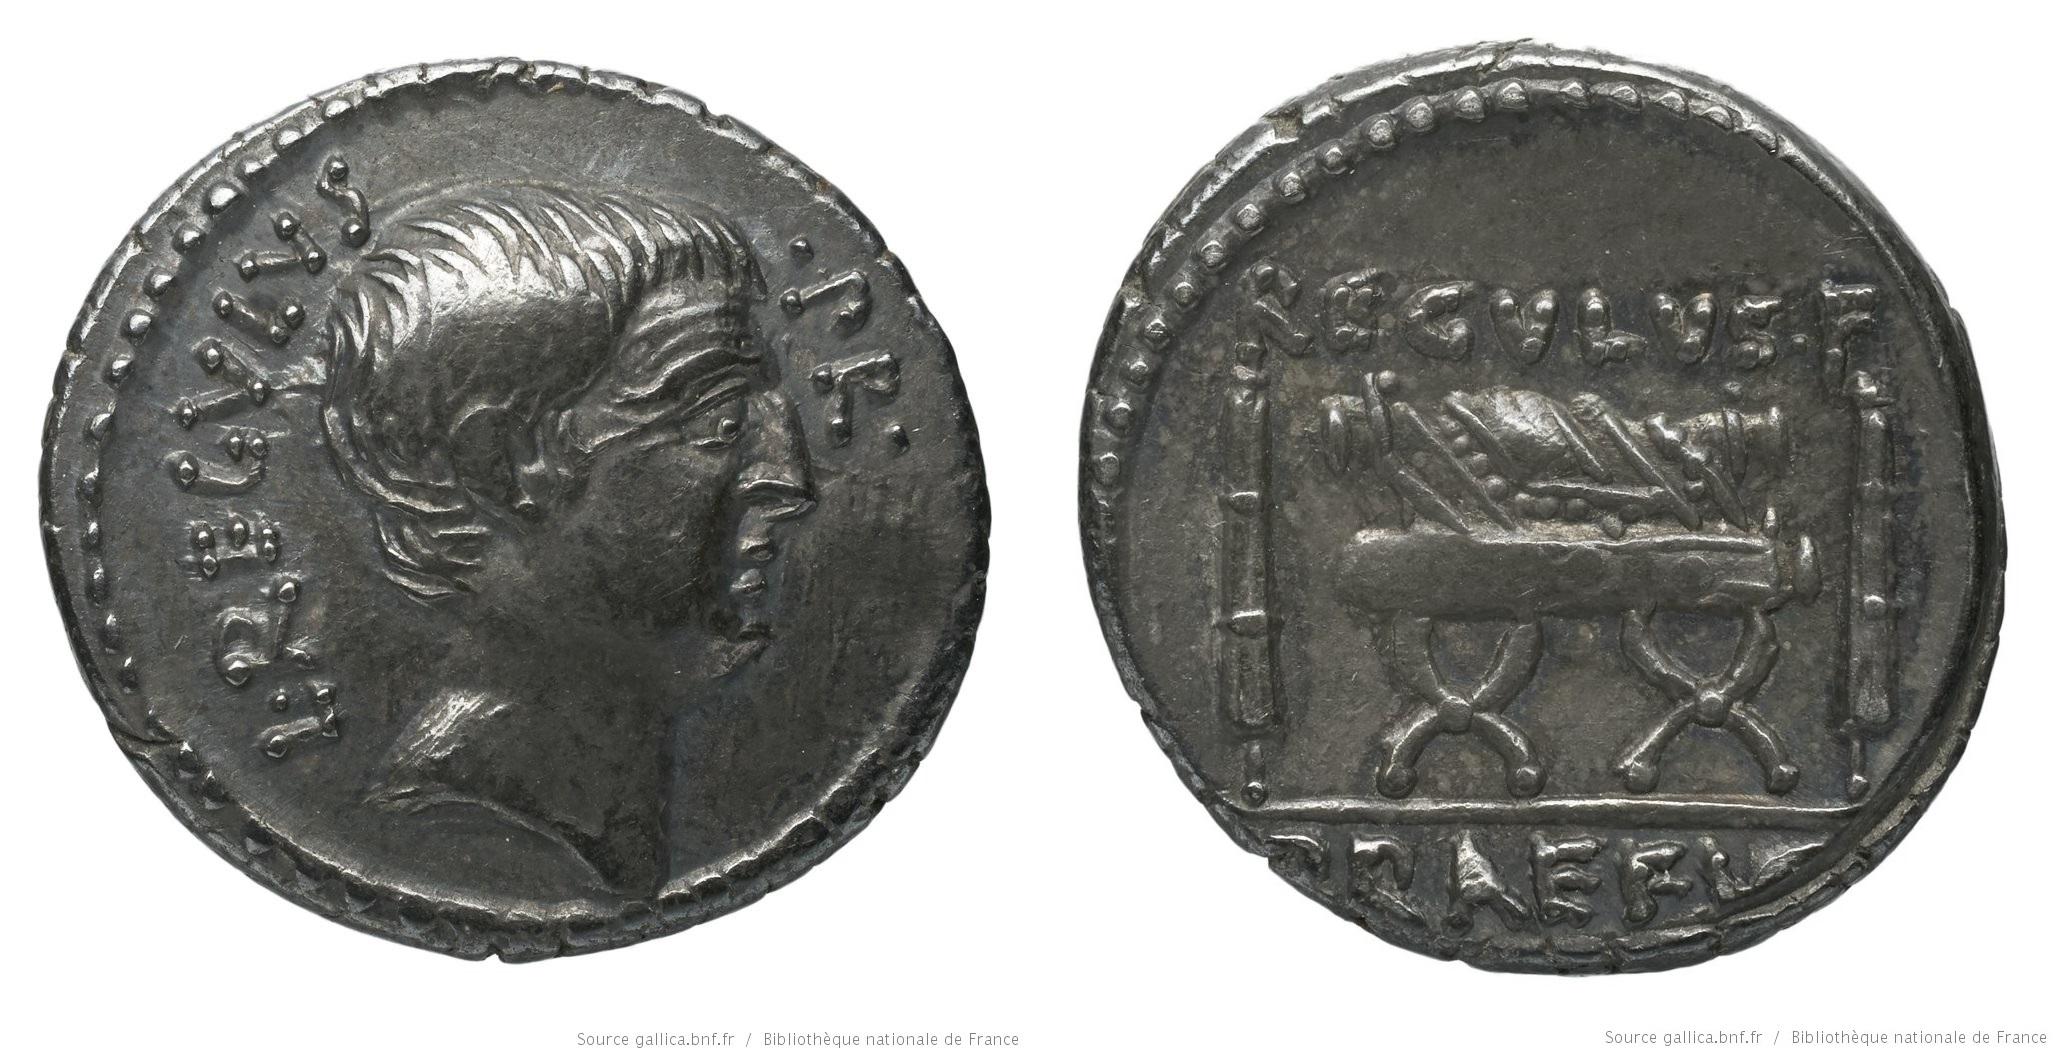 1609LI – Denier Livineia – Lucius Livineius Regulus